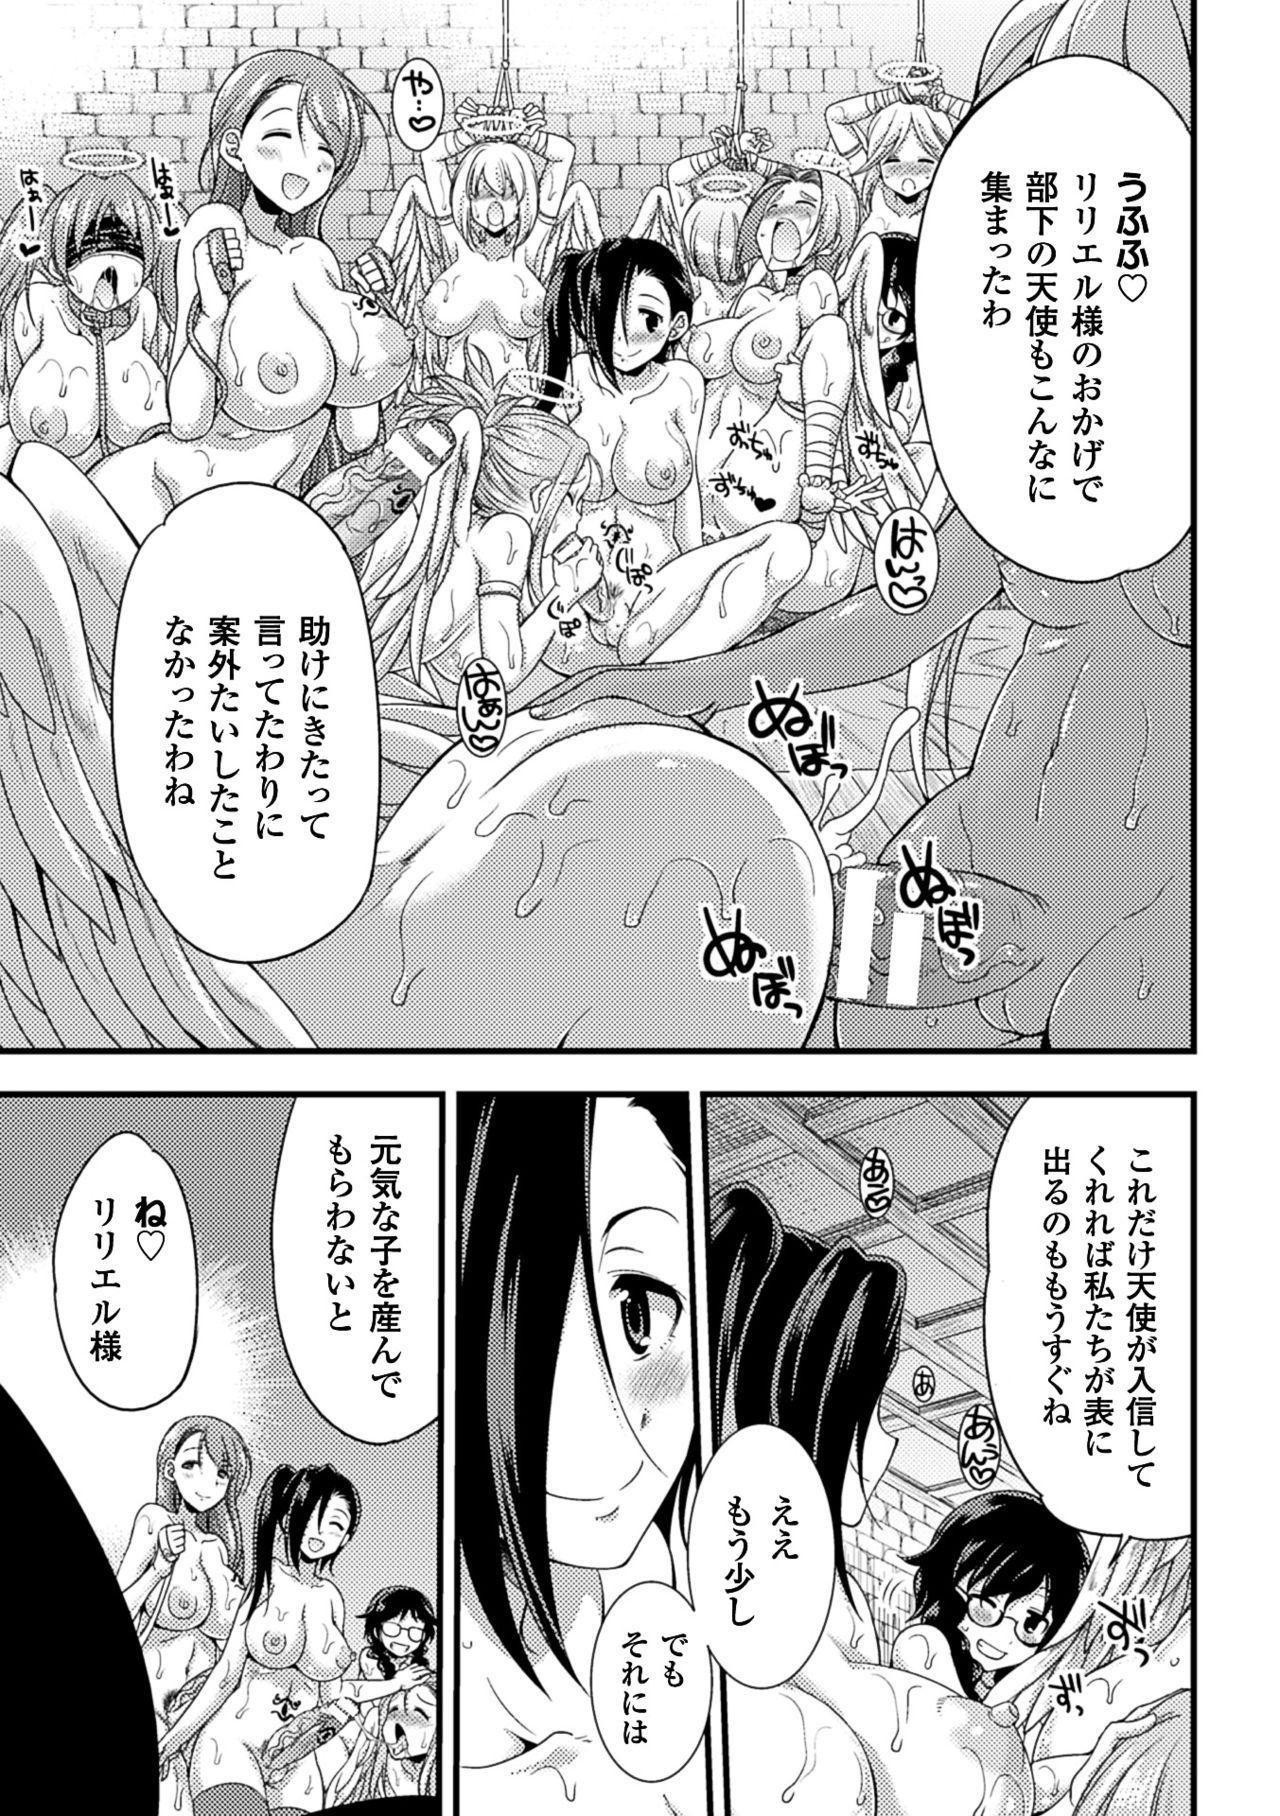 2D Comic Magazine Jingai Musume Haramase Kedakaki Mesu-tachi wa Ningen Kodane ni Kuppuku Suru Vol. 2 39